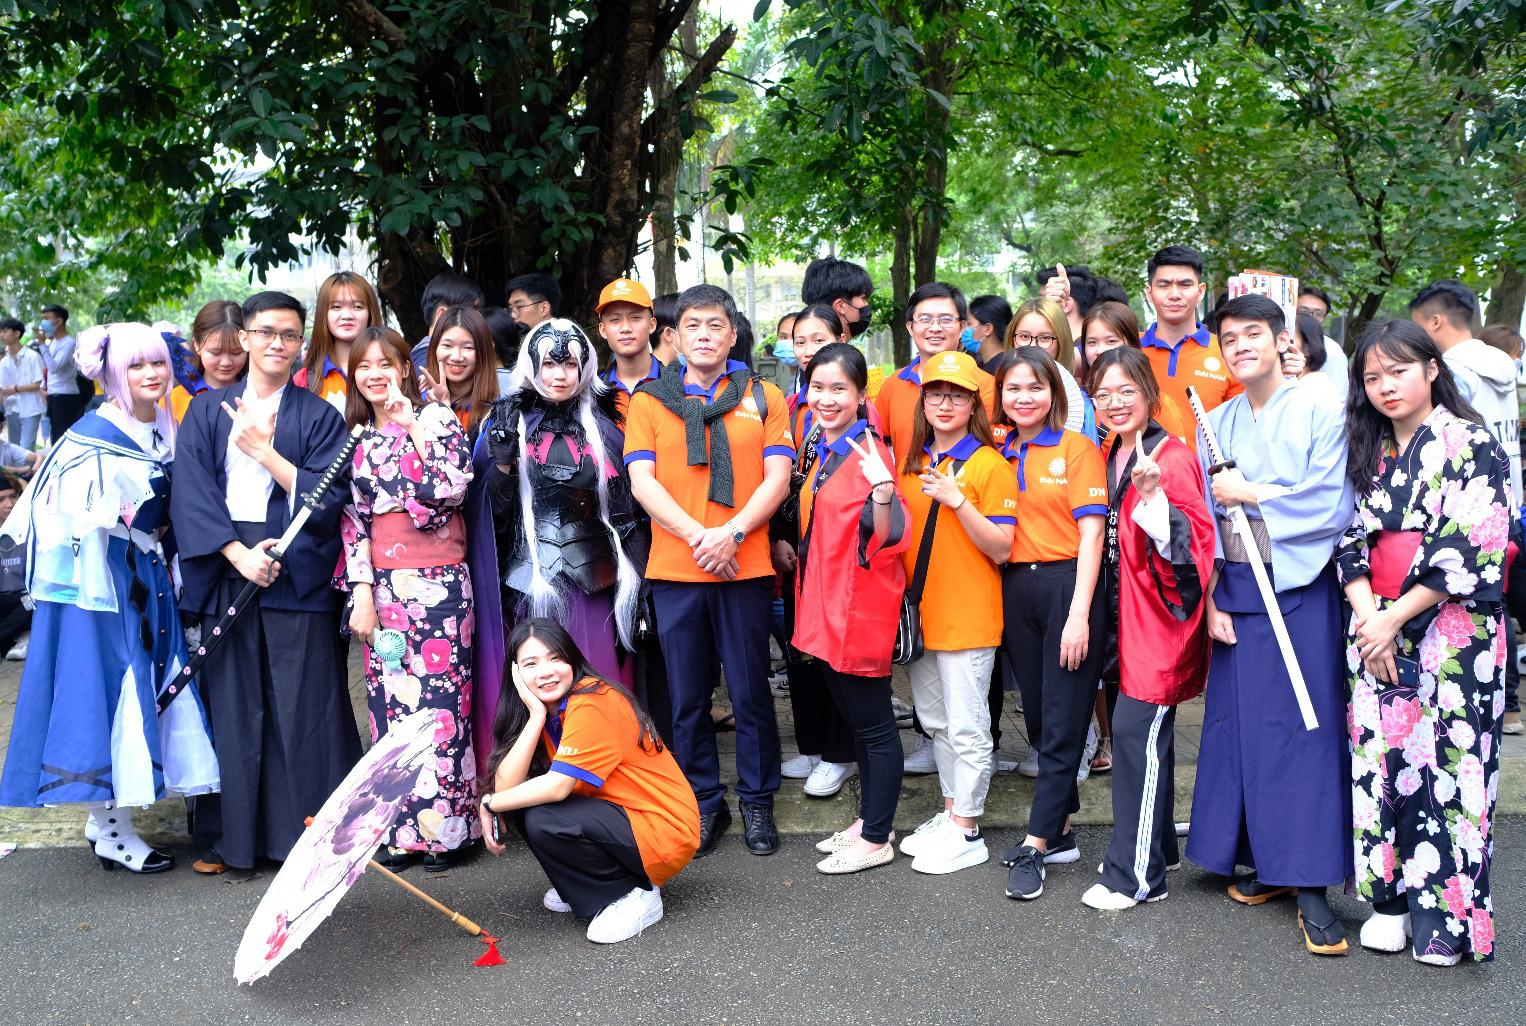 Đăng ký Khoa Ngôn ngữ và Văn hóa Nhật Bản - ĐH Đại Nam nhận ngay học bổng - Ảnh 2.